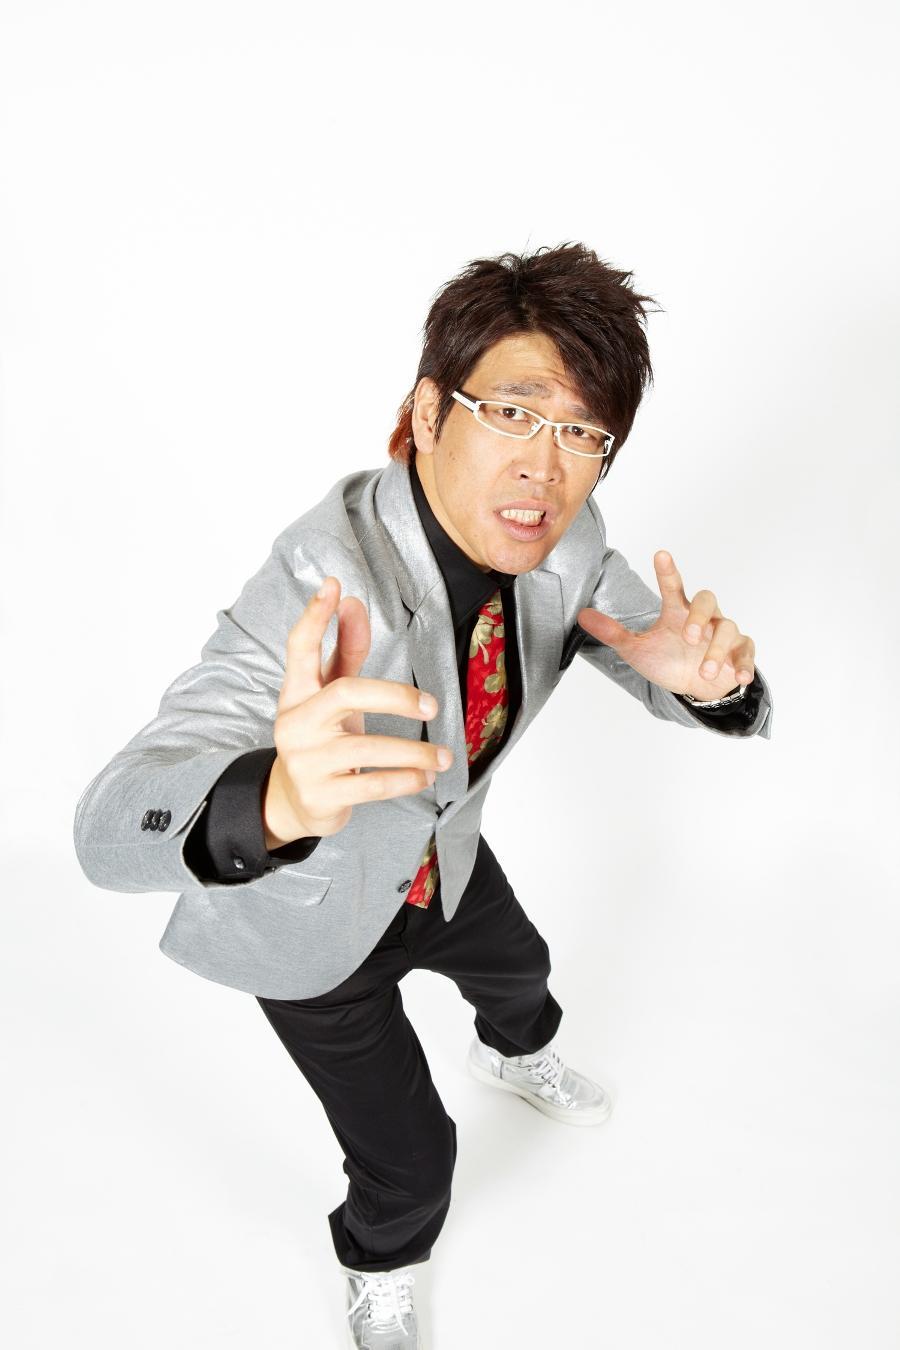 古坂大魔王とピコ太郎は同一人物!ボキャブラ時代の動画あり!